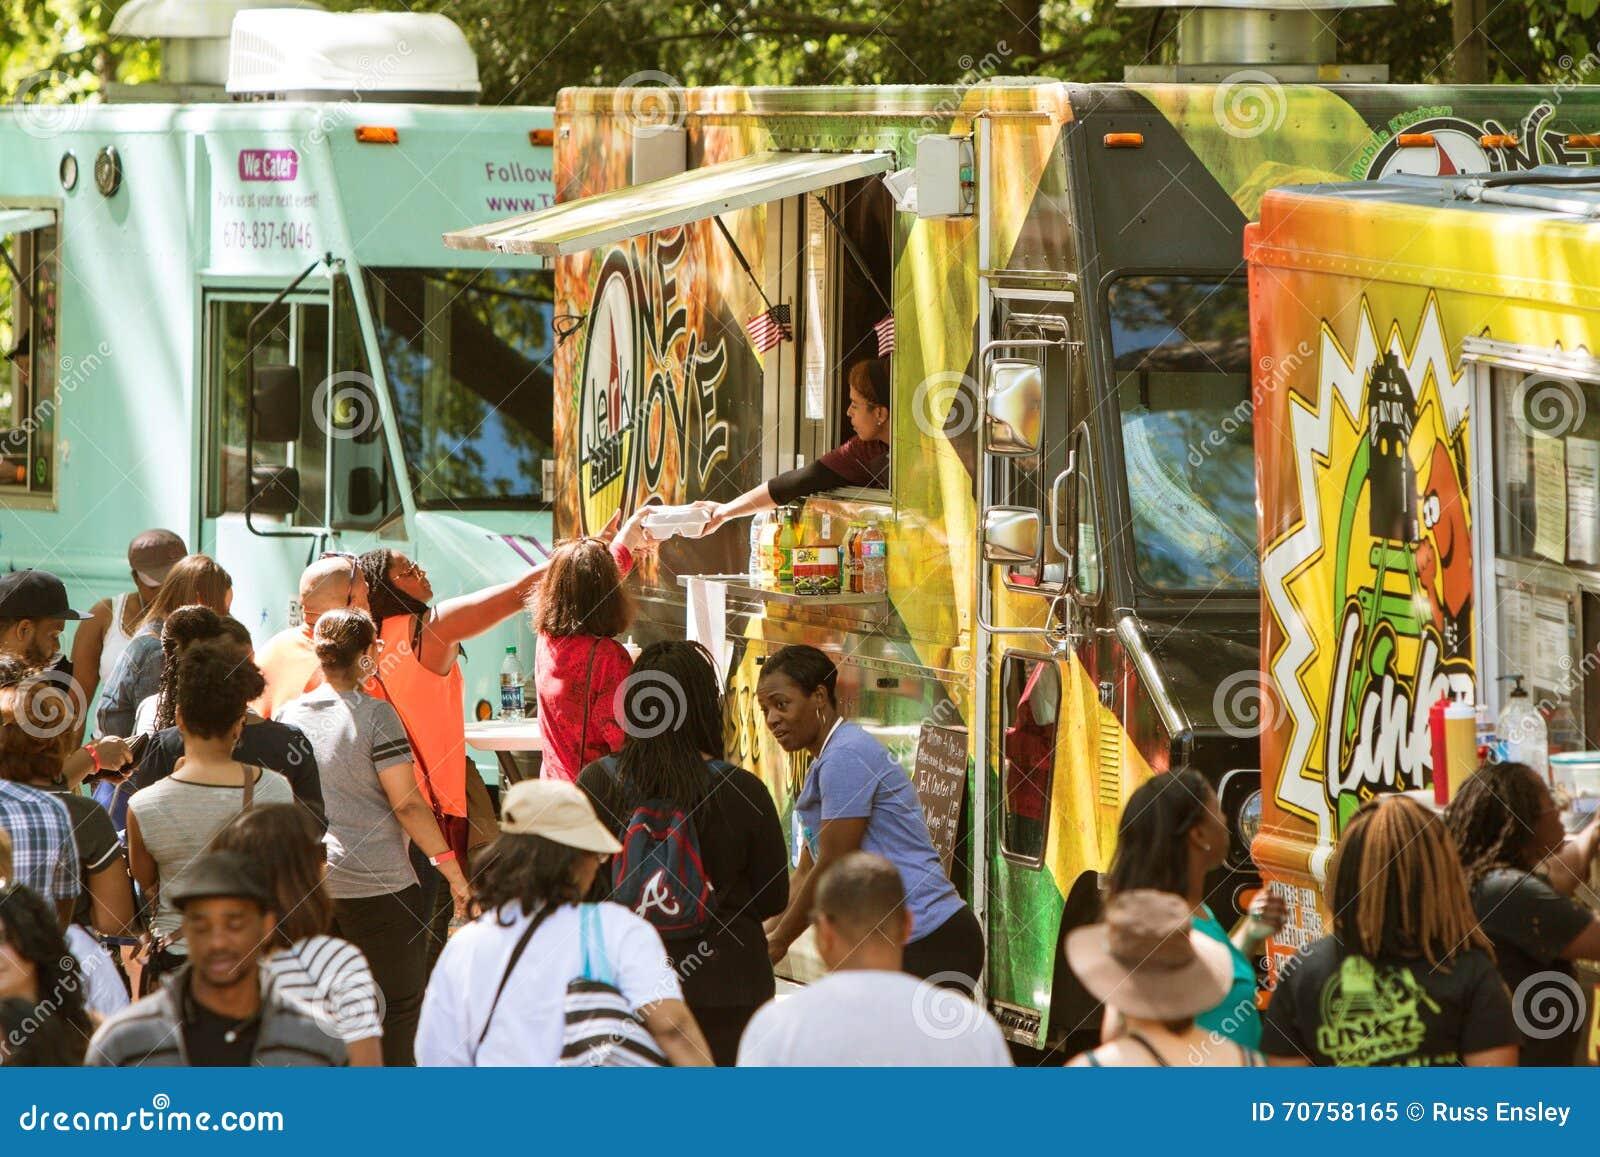 食物卡车服务大人群在亚特兰大节日